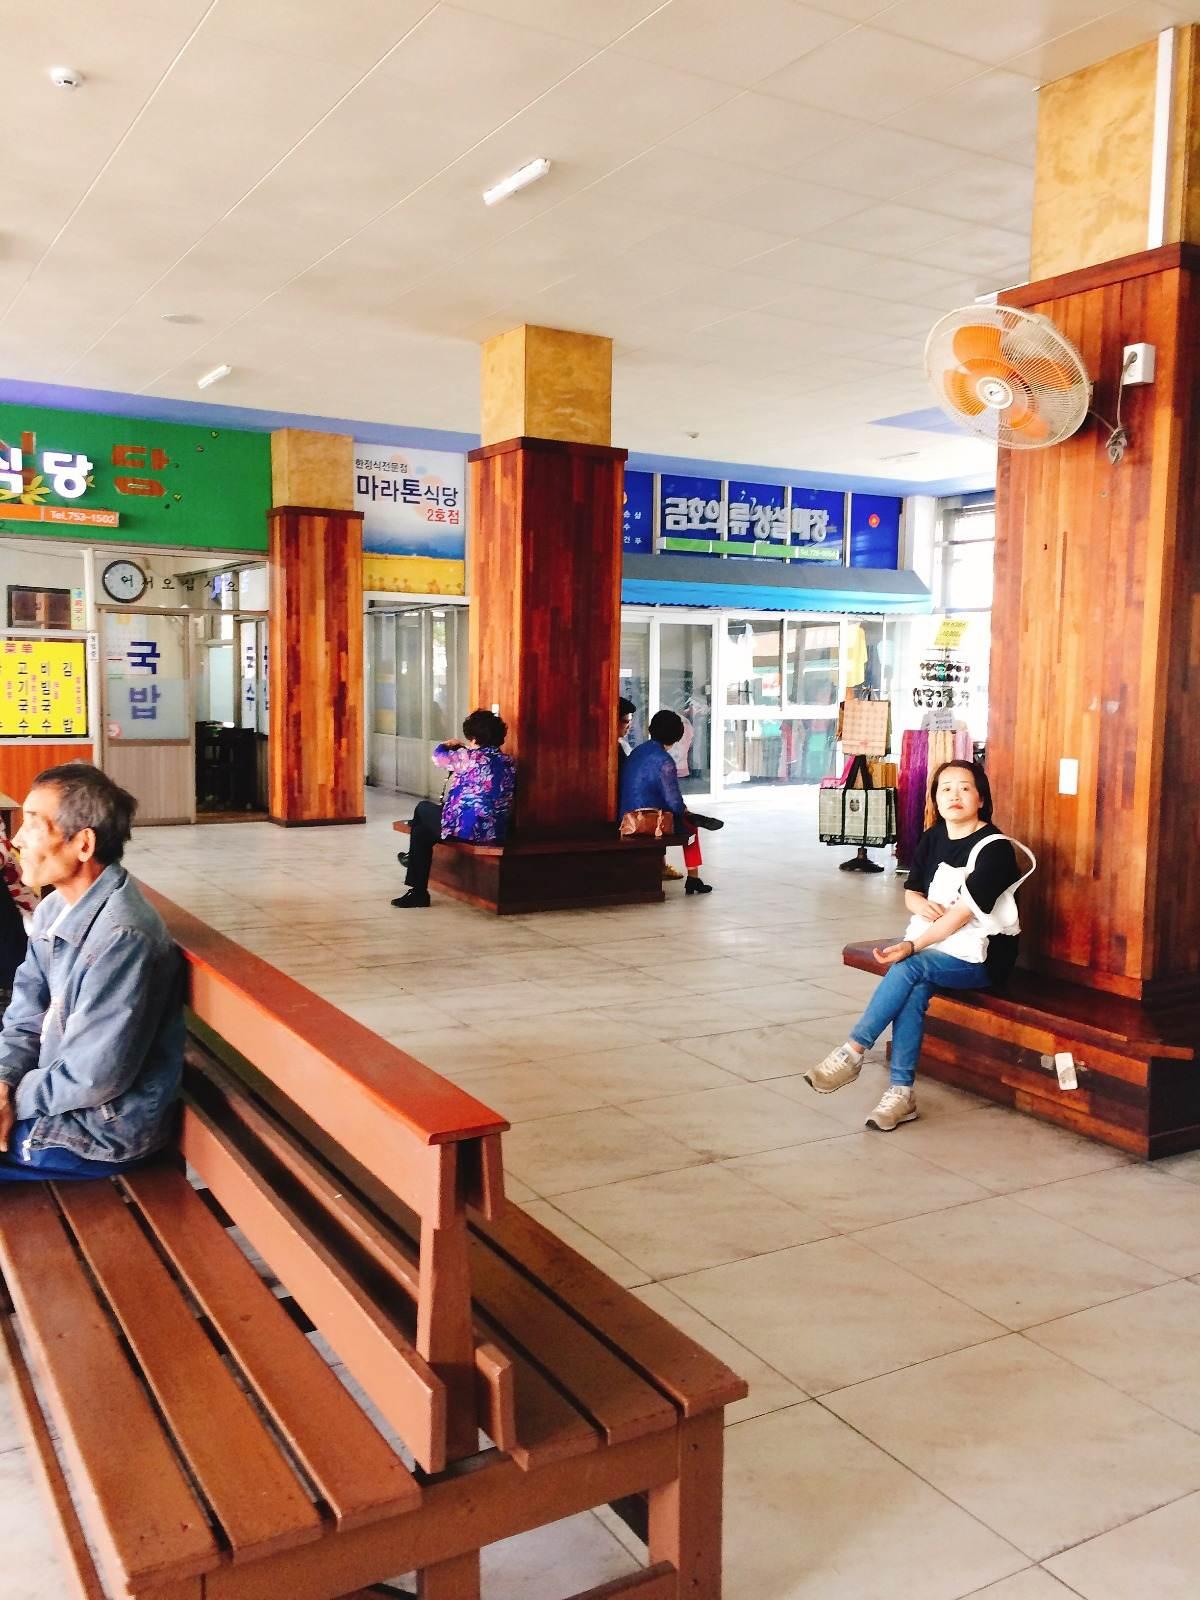 巴士總站內亦有幾間食店,大家出發往濟州其他地方前,可以先在這裡吃點東西。